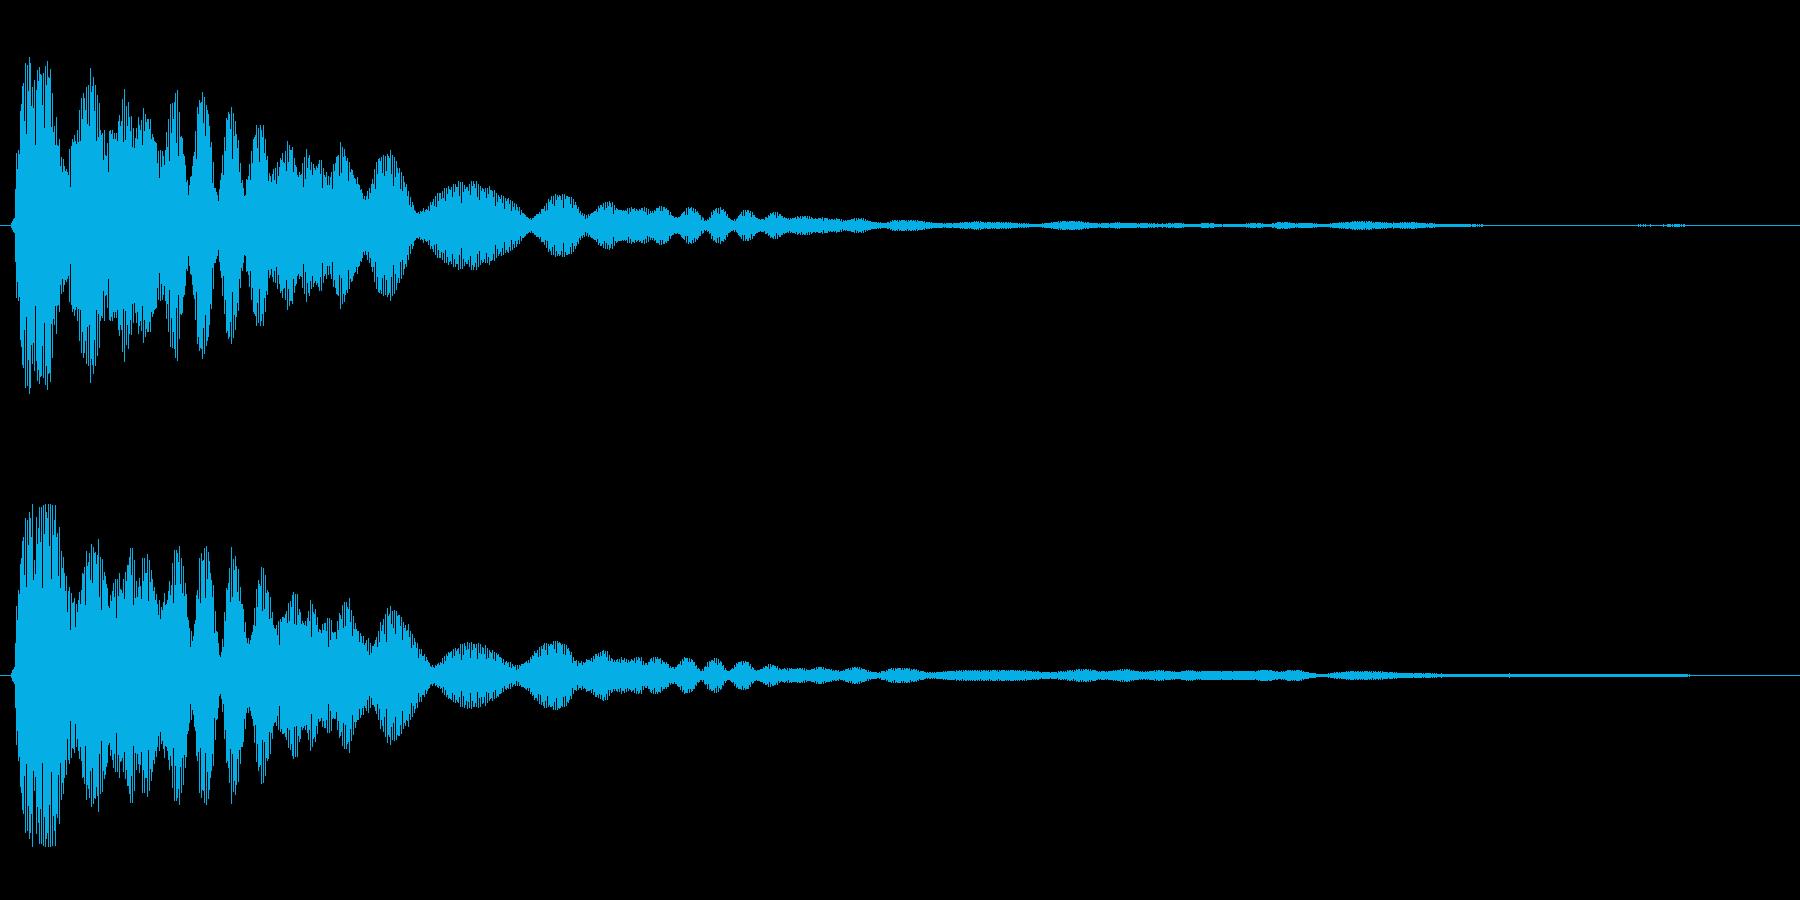 キーン(高い決定音)の再生済みの波形